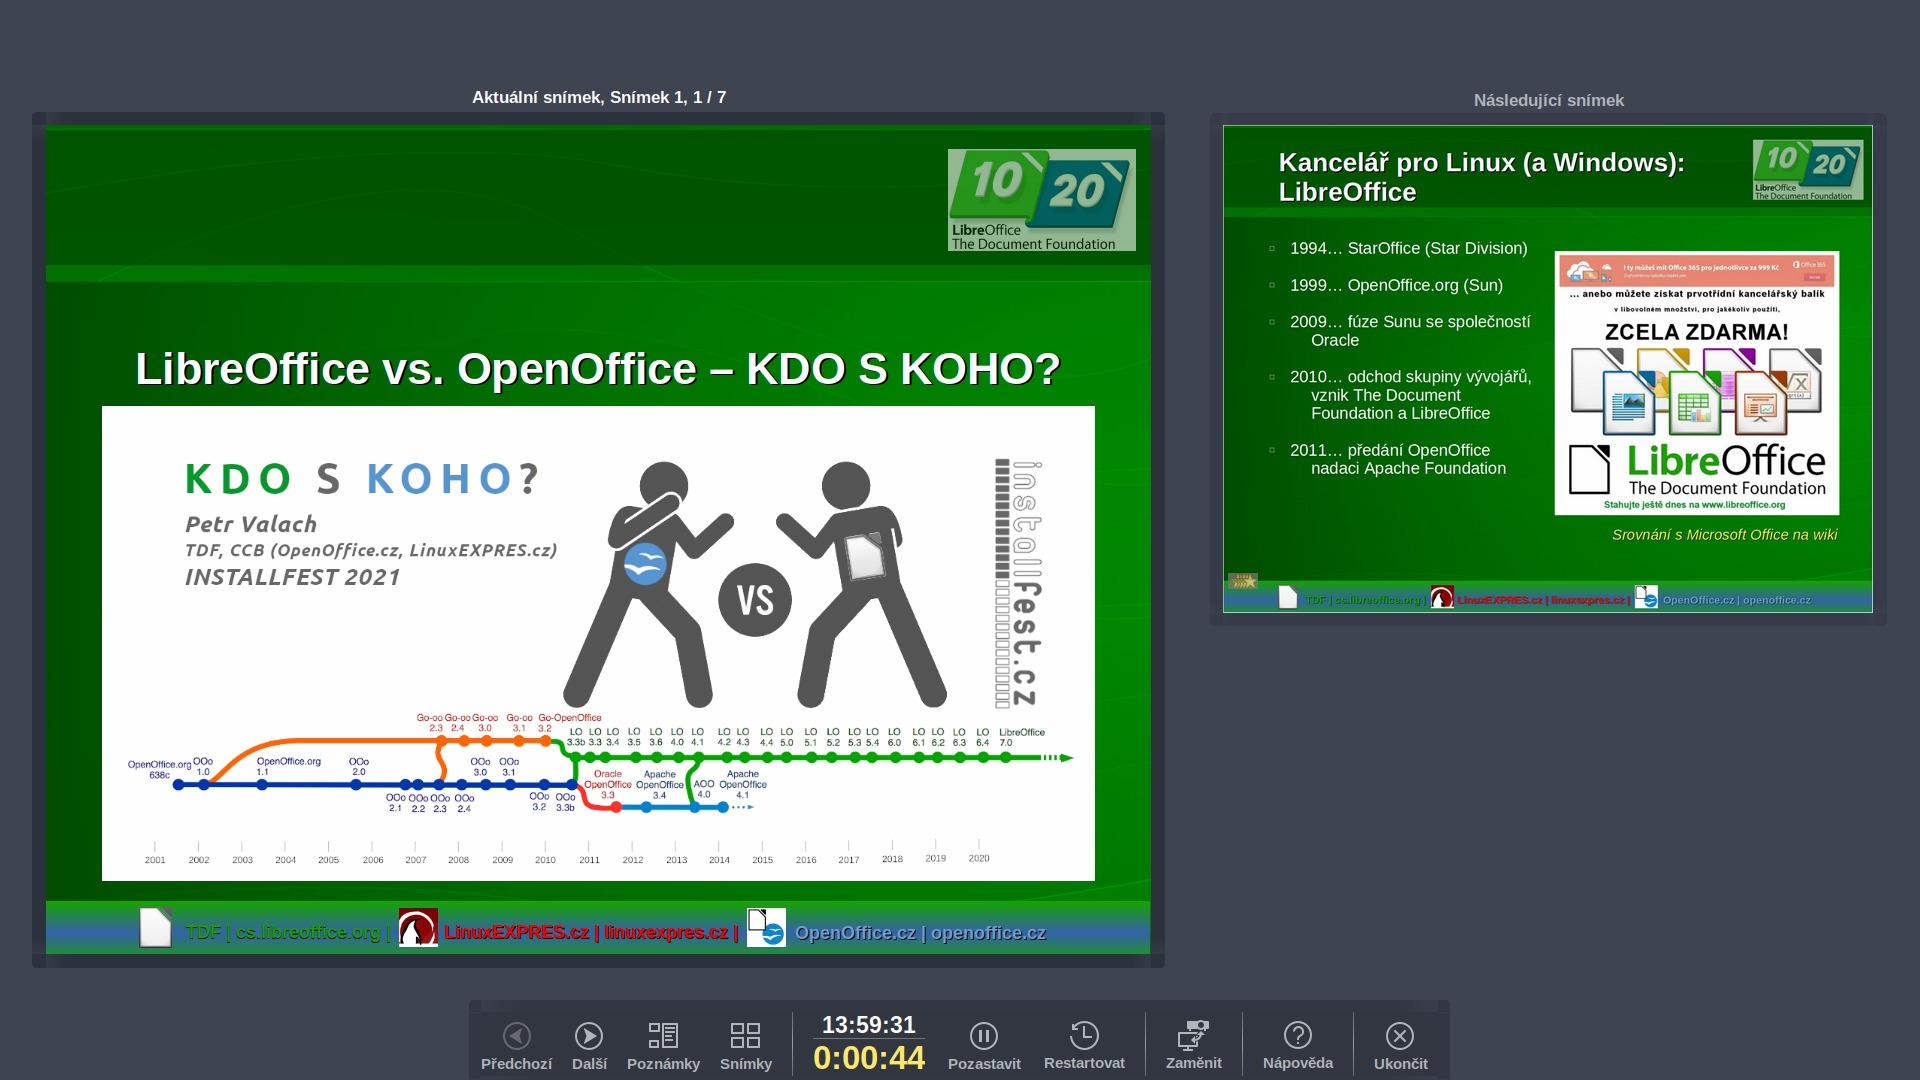 Obrazovka přednášejícího, doplněná o tři tlačítka